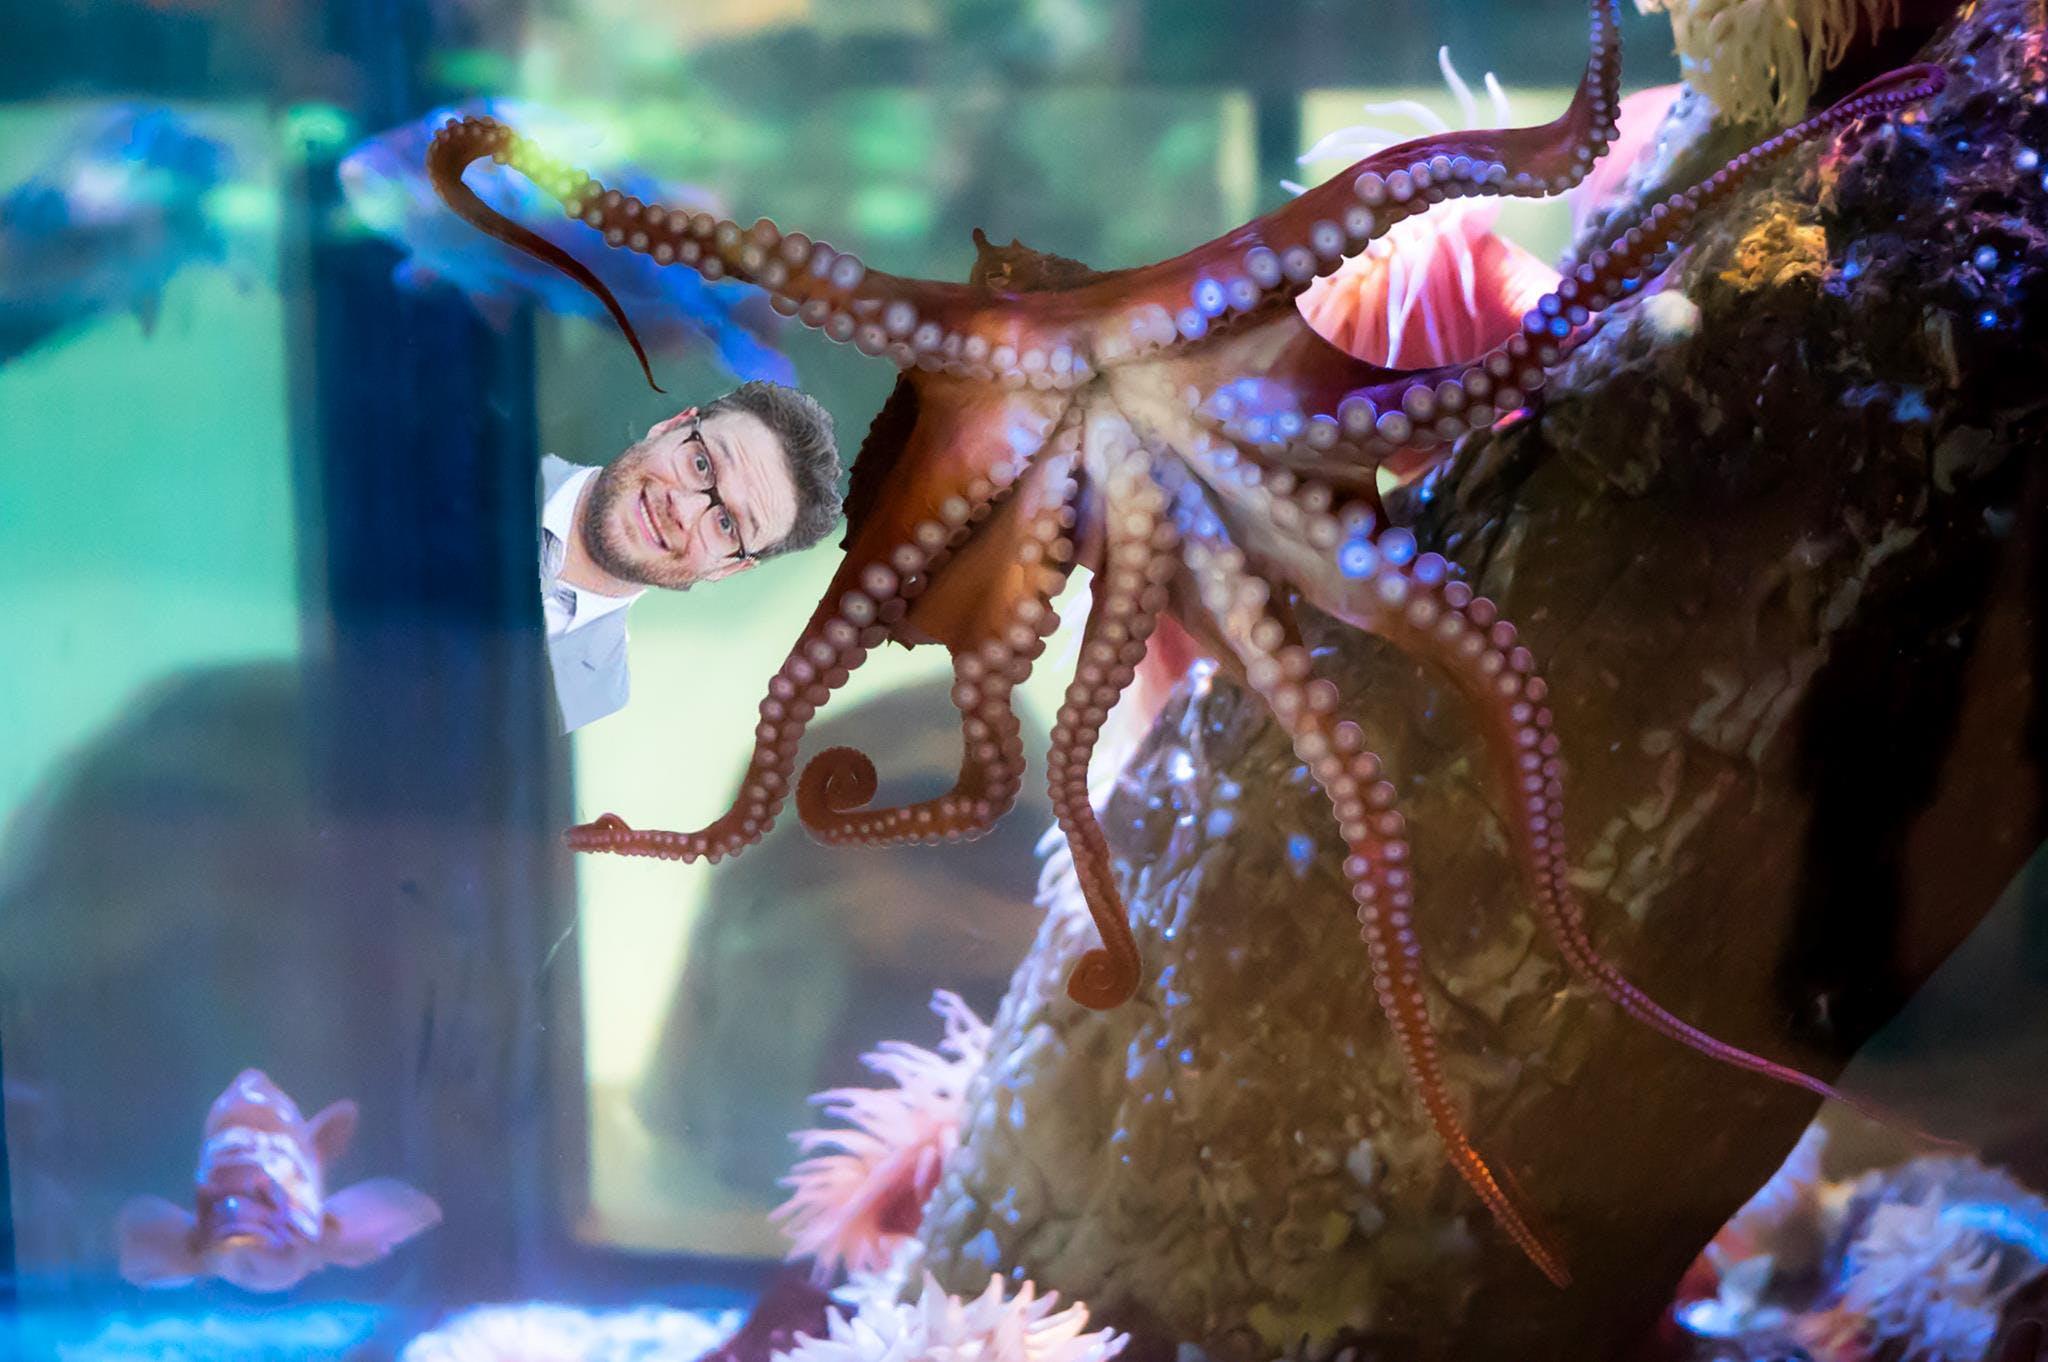 45832656 10155613310515800 5899435291009089536 o Vancouver Aquarium Names a Giant Octopus After Seth Rogen